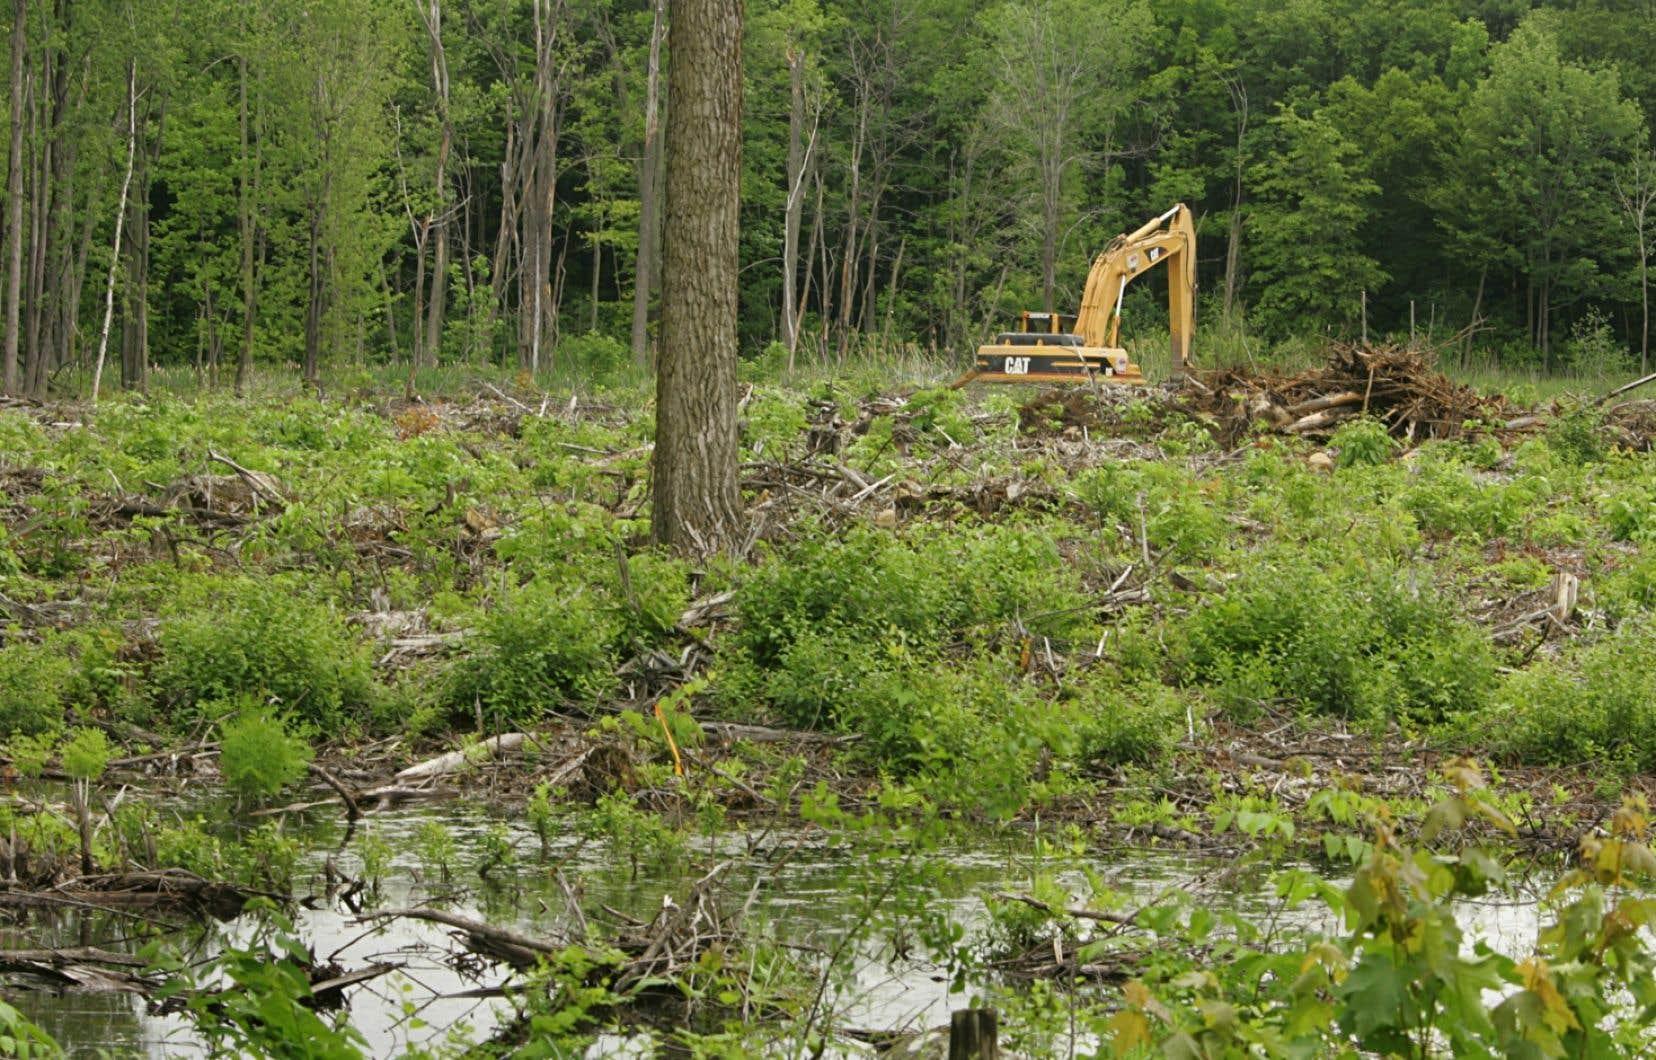 Au cours de la dernière décennie, près de 40 scieries ont fermé leurs portes, éliminant du même coup 6000 emplois. Le Nouveau-Brunswick est la province canadienne qui dépend le plus des forêts sur le plan du produit intérieur brut.